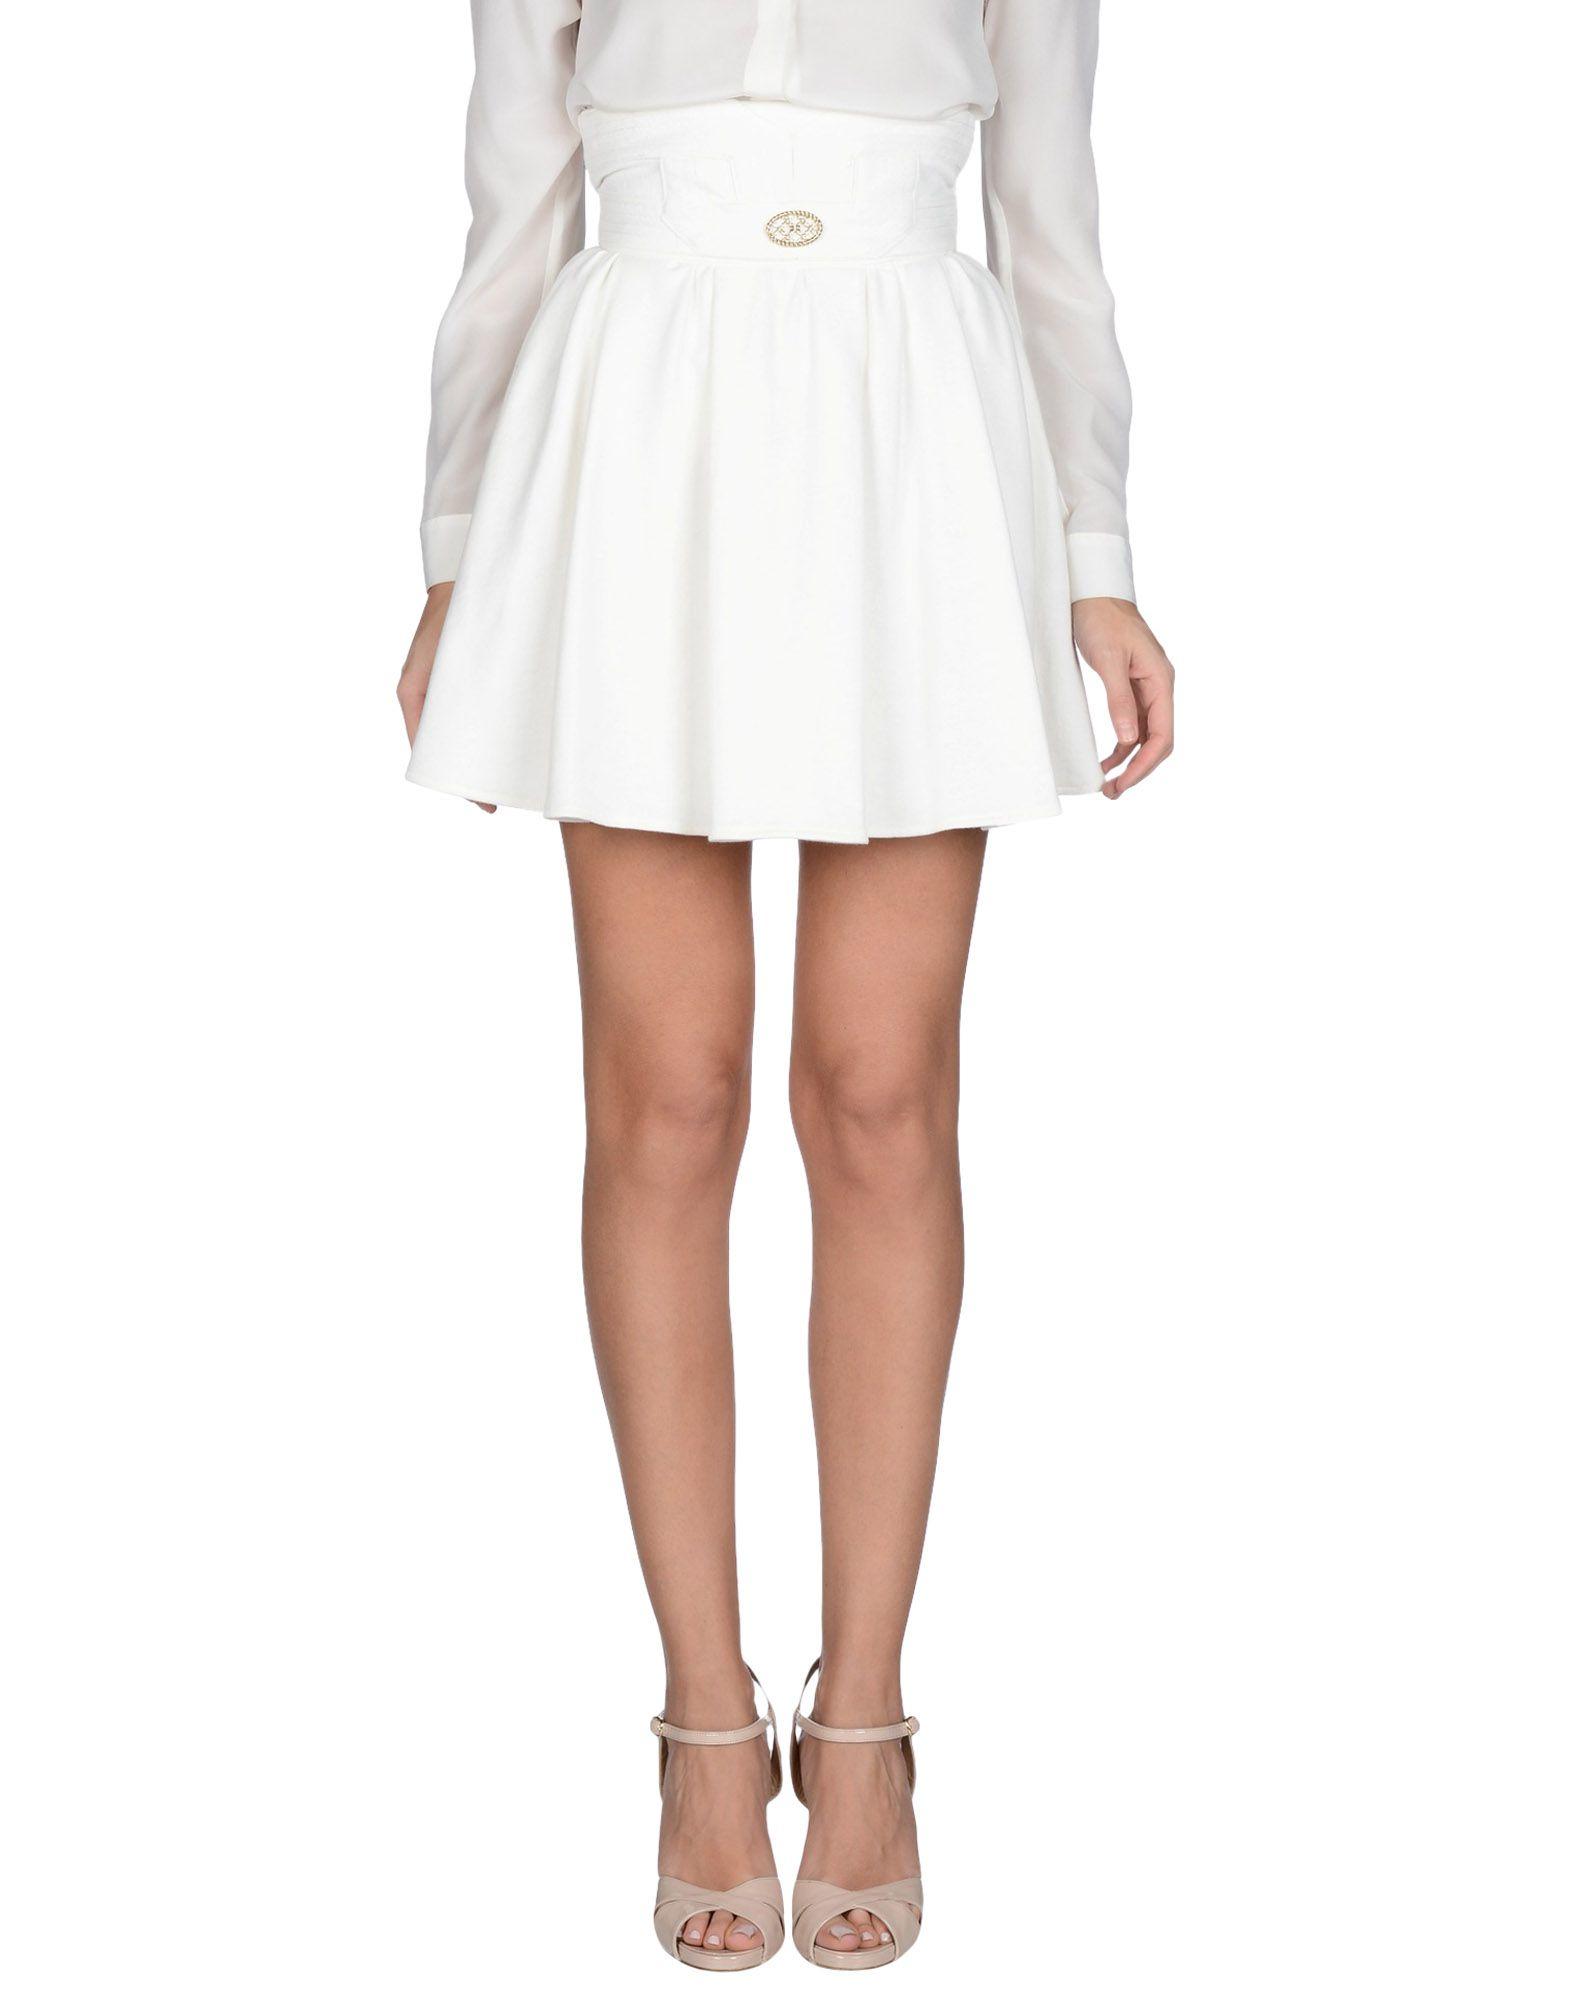 Elisabetta franchi Mini Skirt in White | Lyst